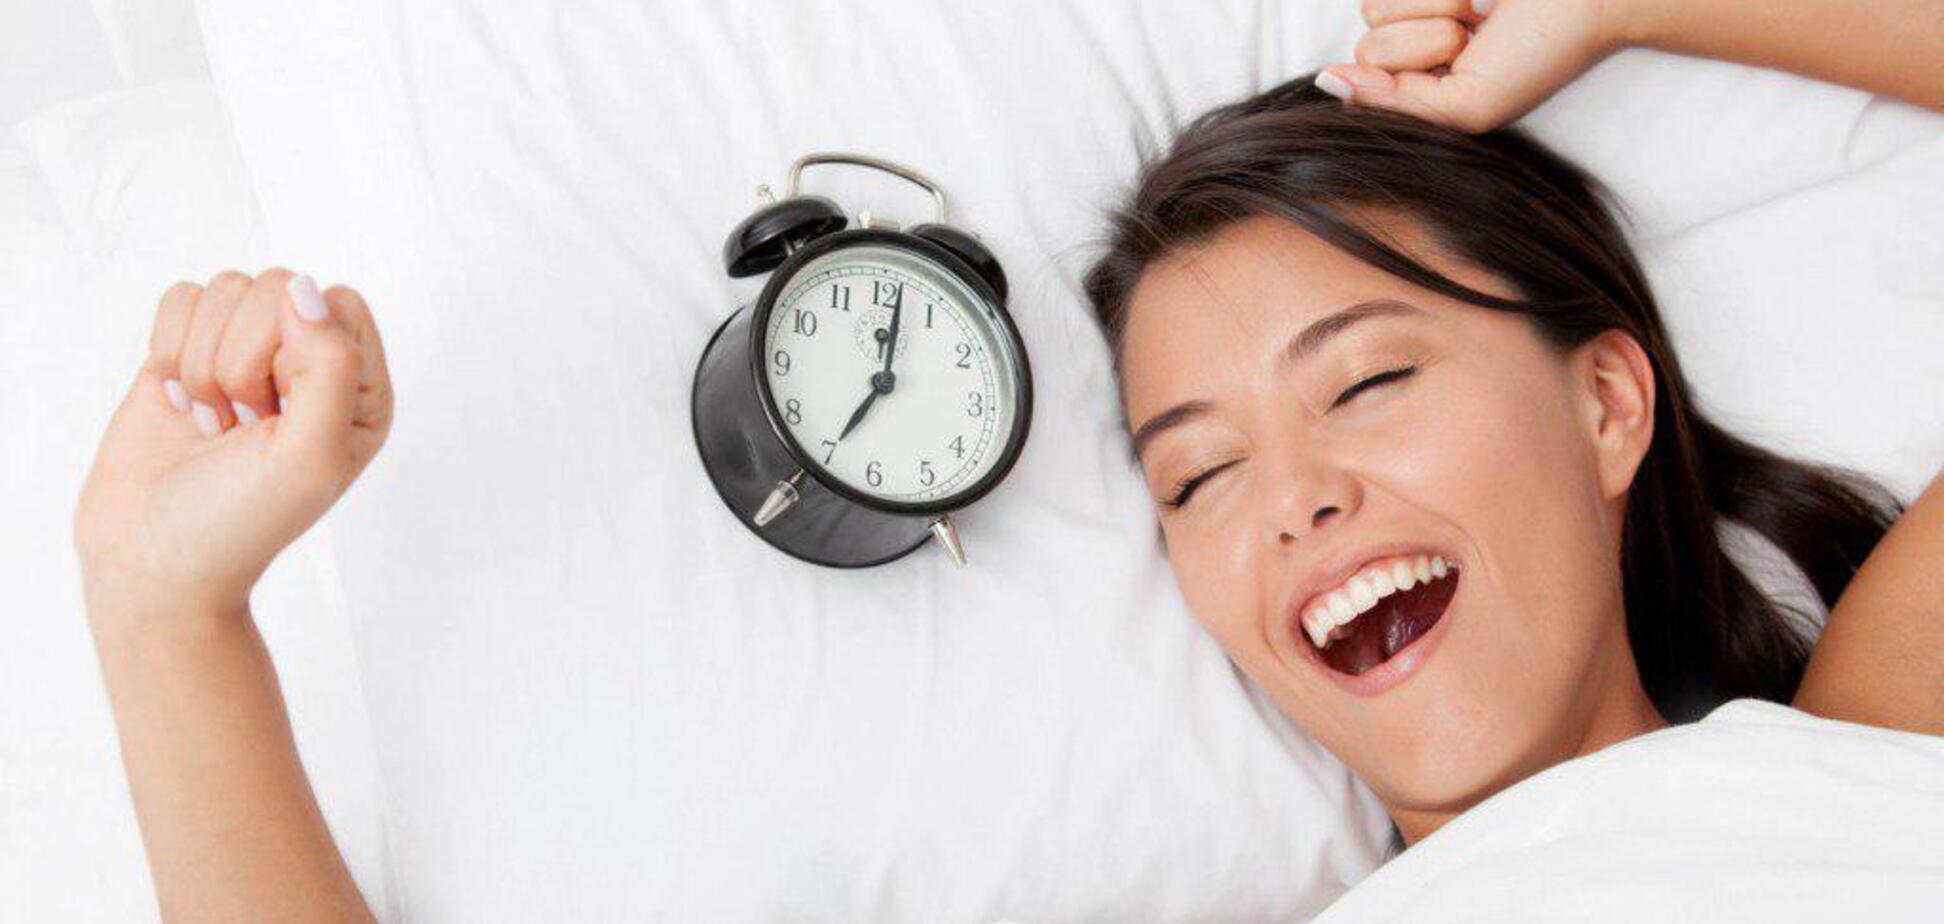 10 простих звичок, які зроблять вас здоровішим